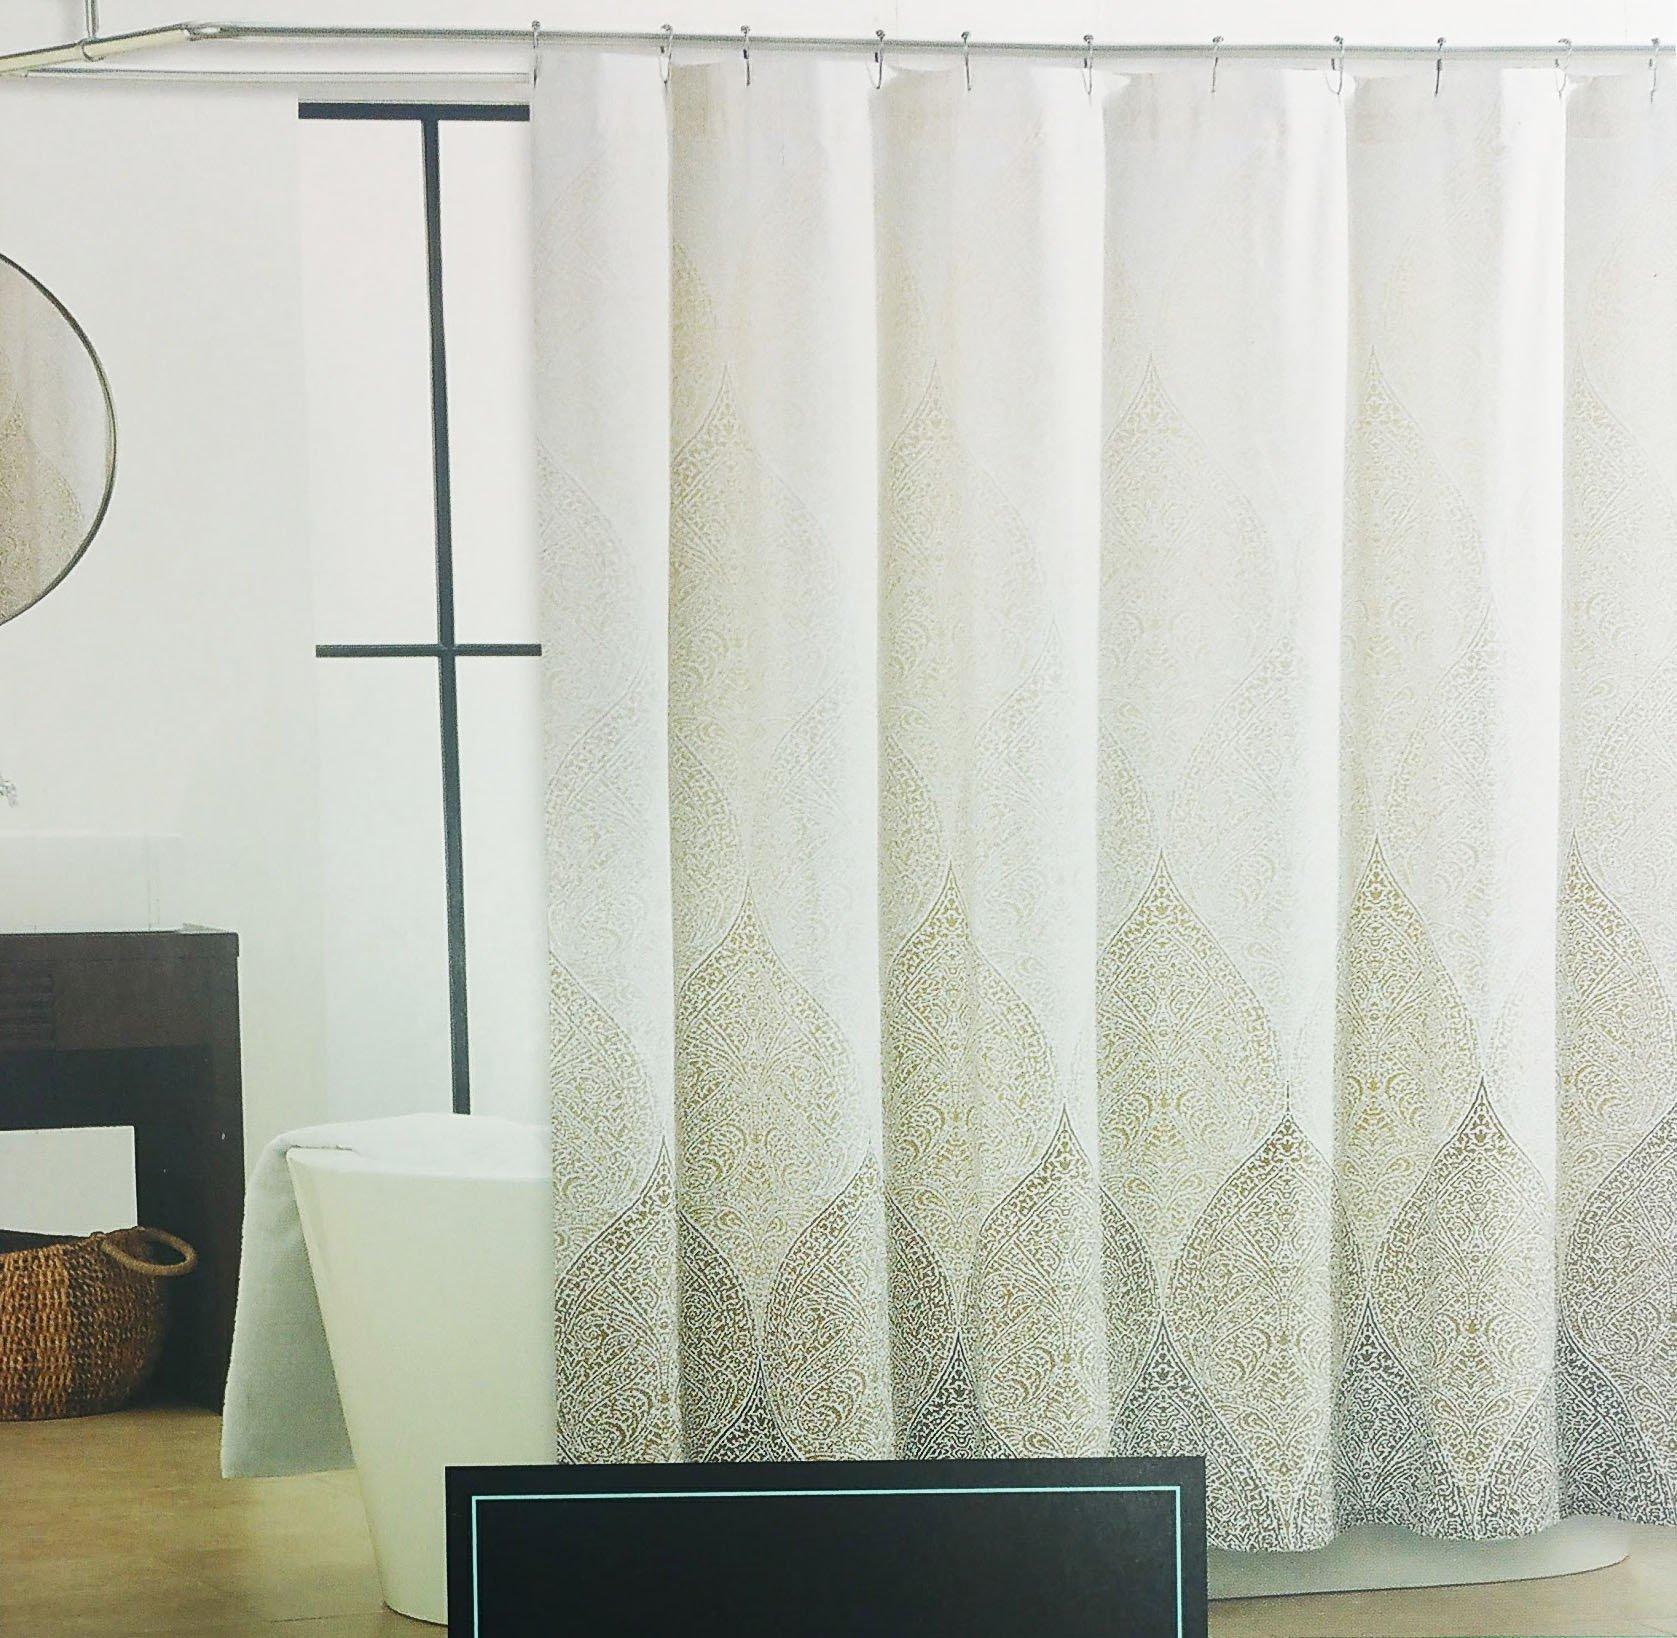 Cynthia rowley medallion shower curtain - Cynthia Rowley Floral Shower Curtain